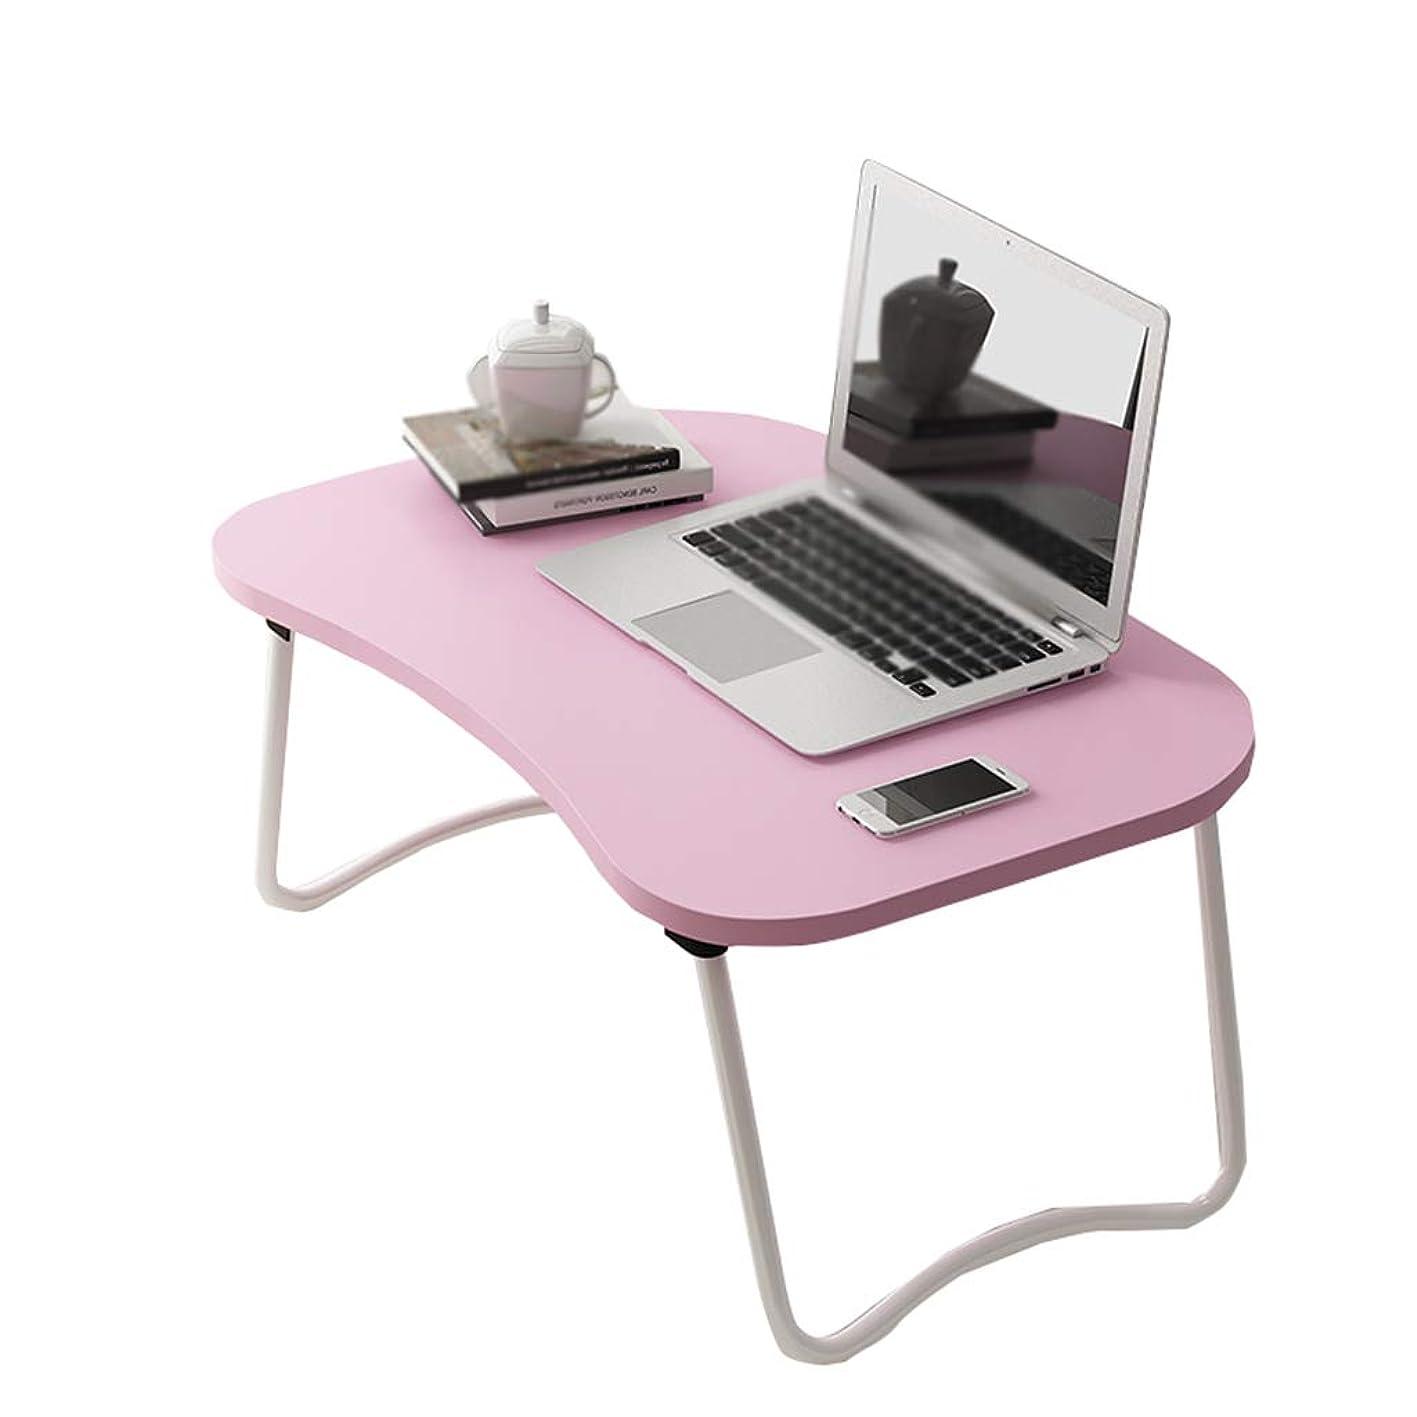 葉を集める驚くばかり変装SxsZQ 簡単な折り畳み式テーブル、小さな家庭用デスクラップトップテーブルを運ぶために教室オフィスホテルのデスクはベッド60 * 40 * 28cmに置くことができます 適用済み (色 : C, サイズ さいず : 60*40*28cm)